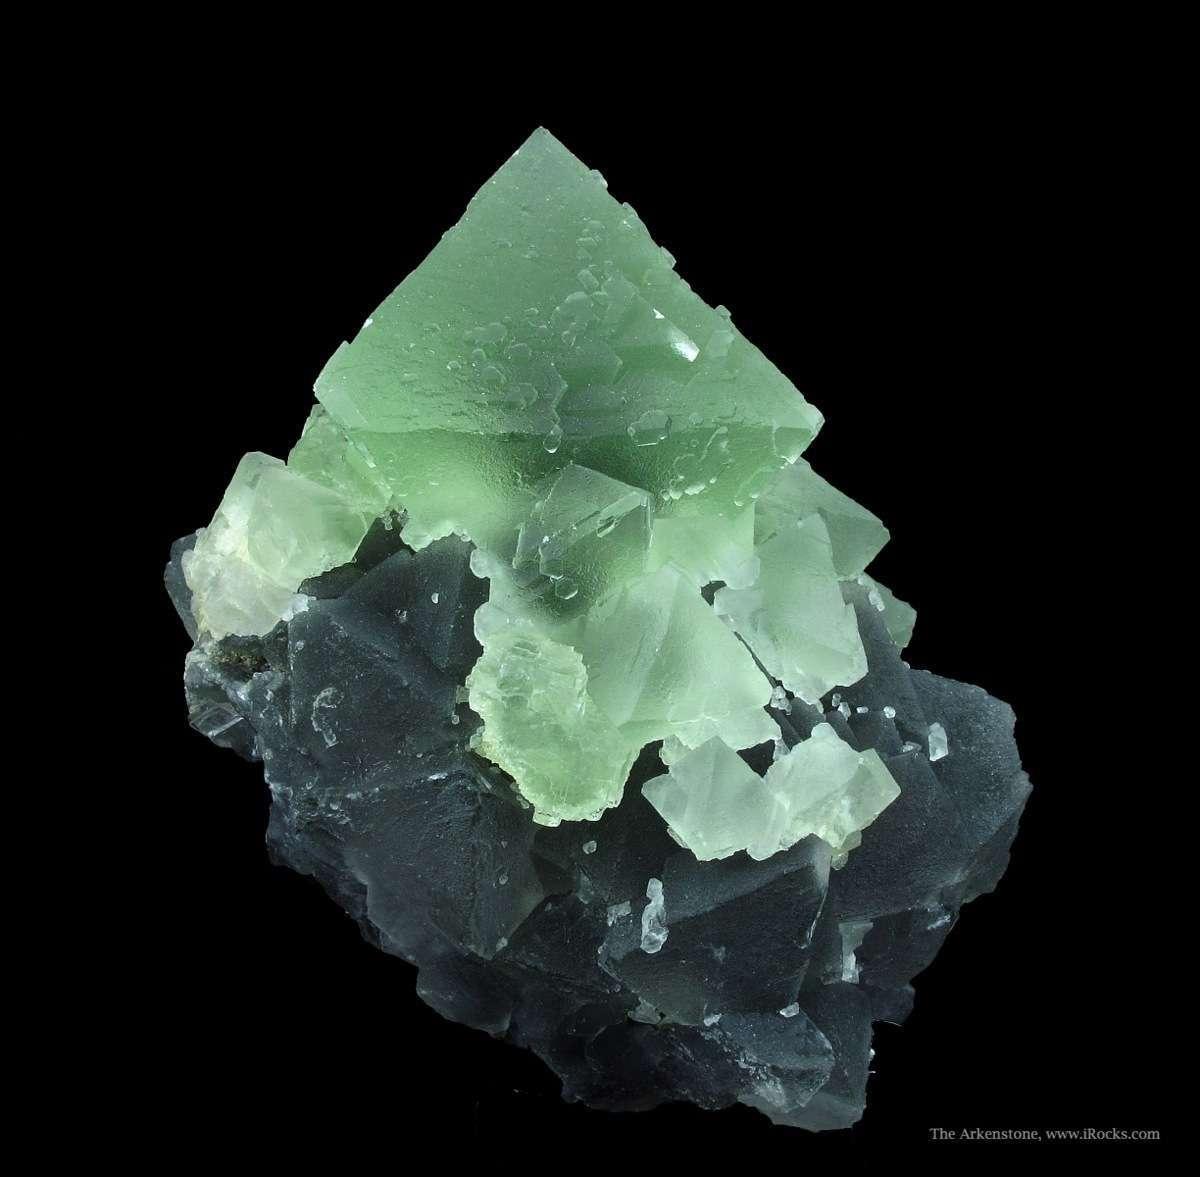 Fluorite on Fluorite - SOREG15-43 - Xianghualing Mine ... Minerals